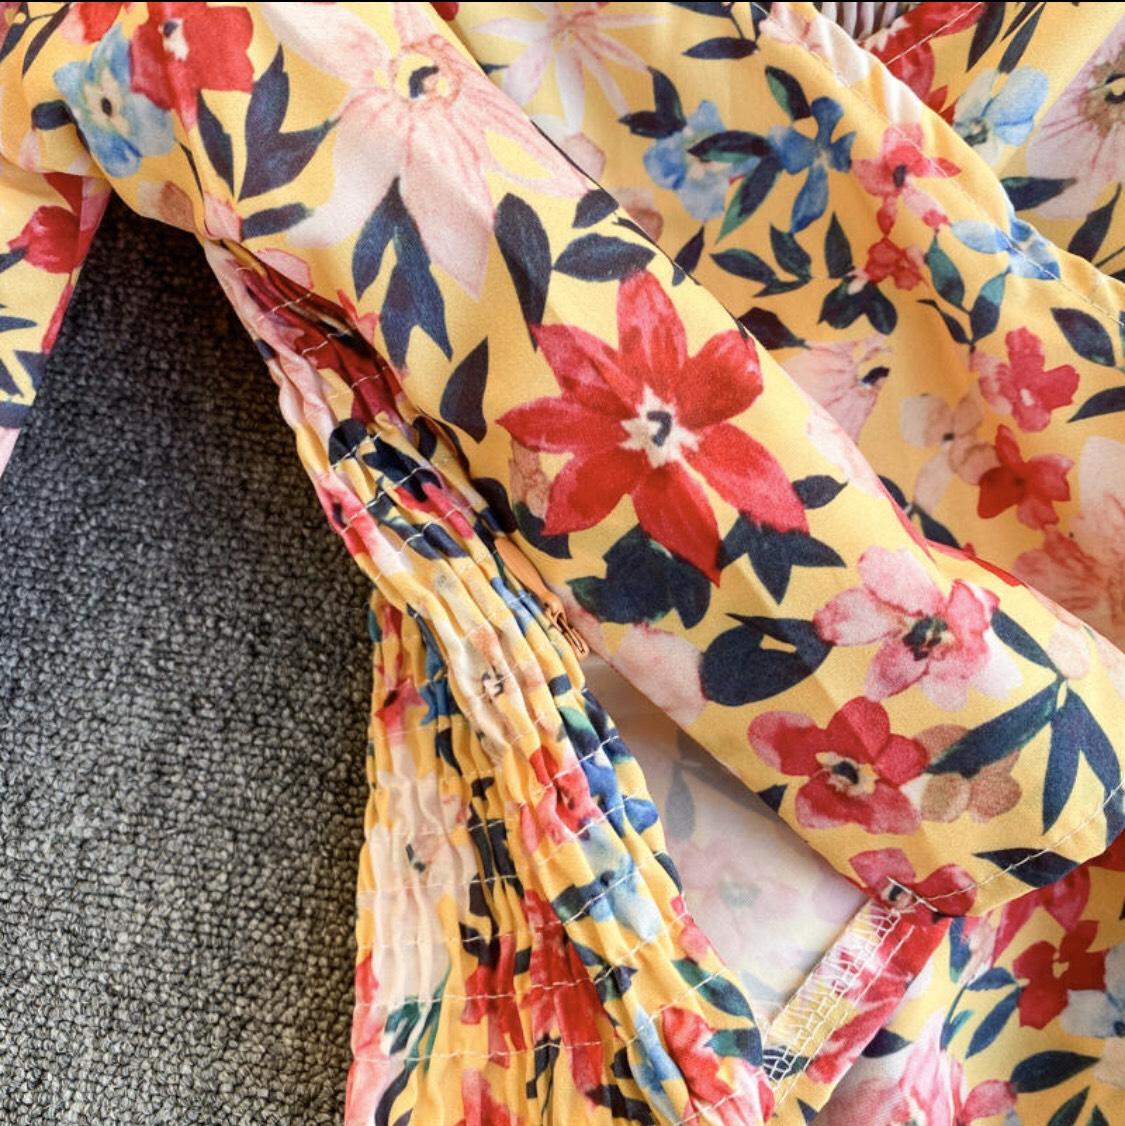 Áo Kiểu Nữ Họa Tiết Hoa Trễ Vai Cổ Chéo Chữ V Tay Ngắn Hơi Phồng Phong Cách Hàn Quốc KR214